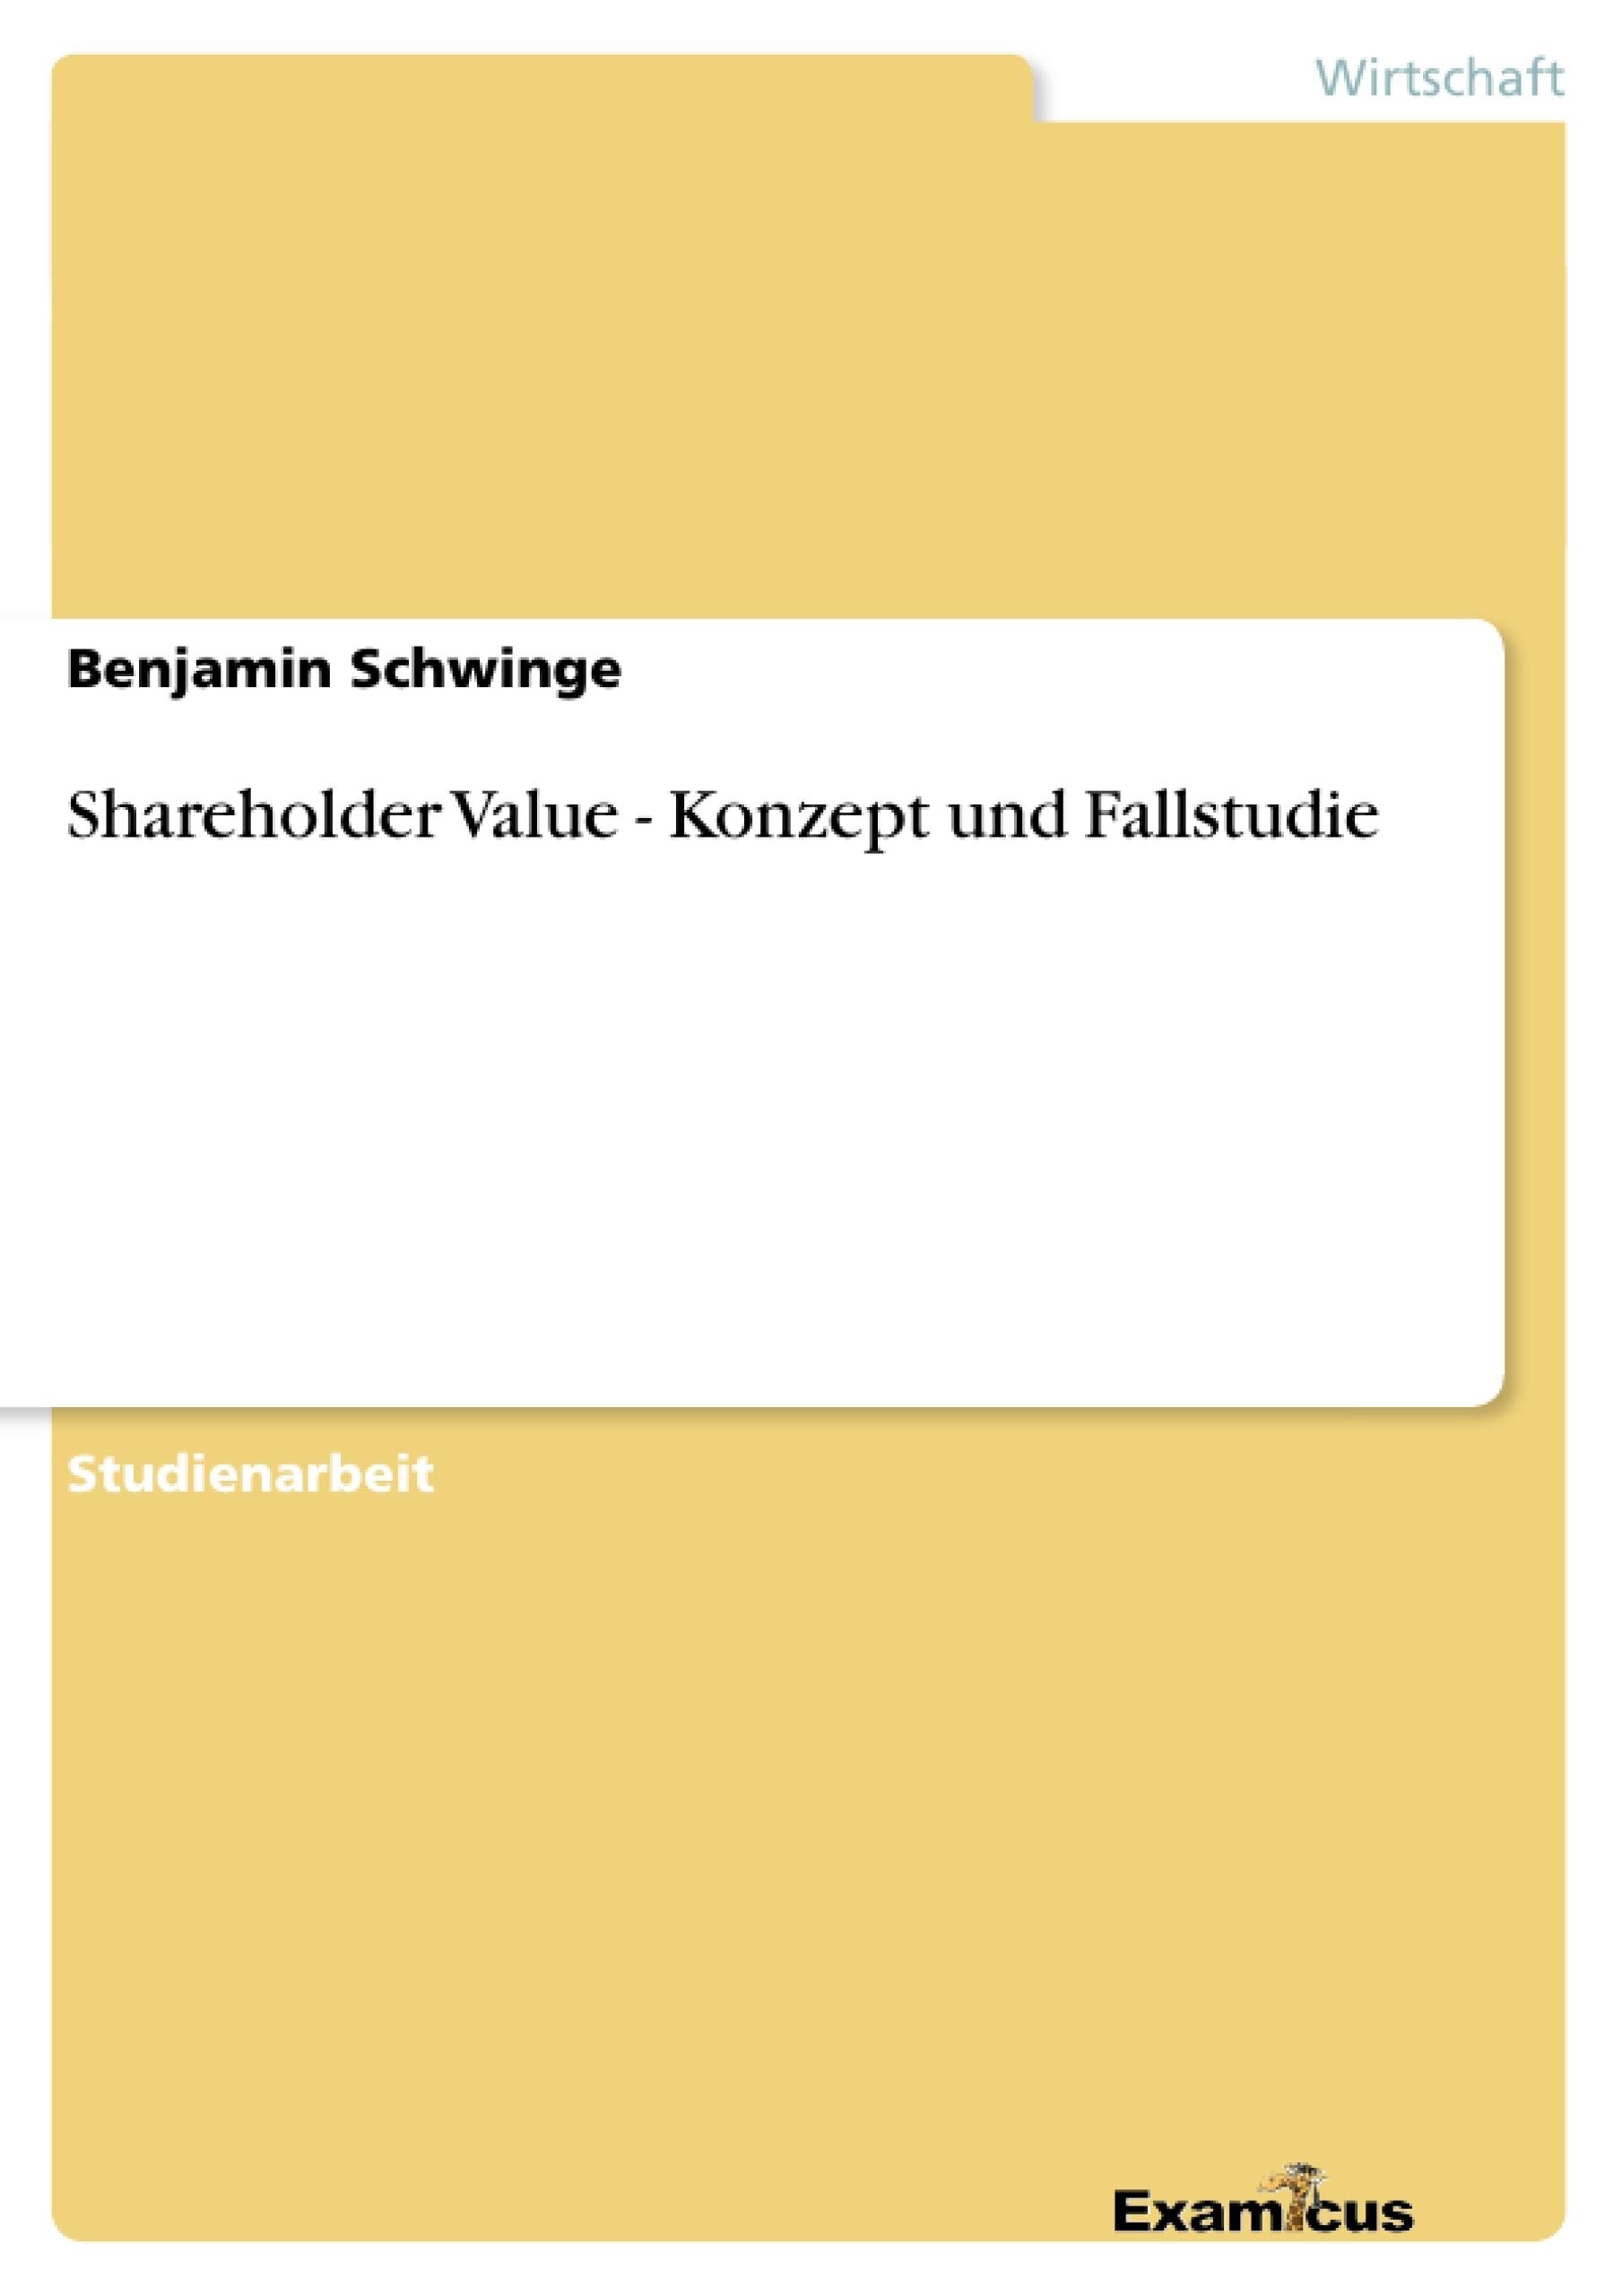 Titel: Shareholder Value - Konzept und Fallstudie